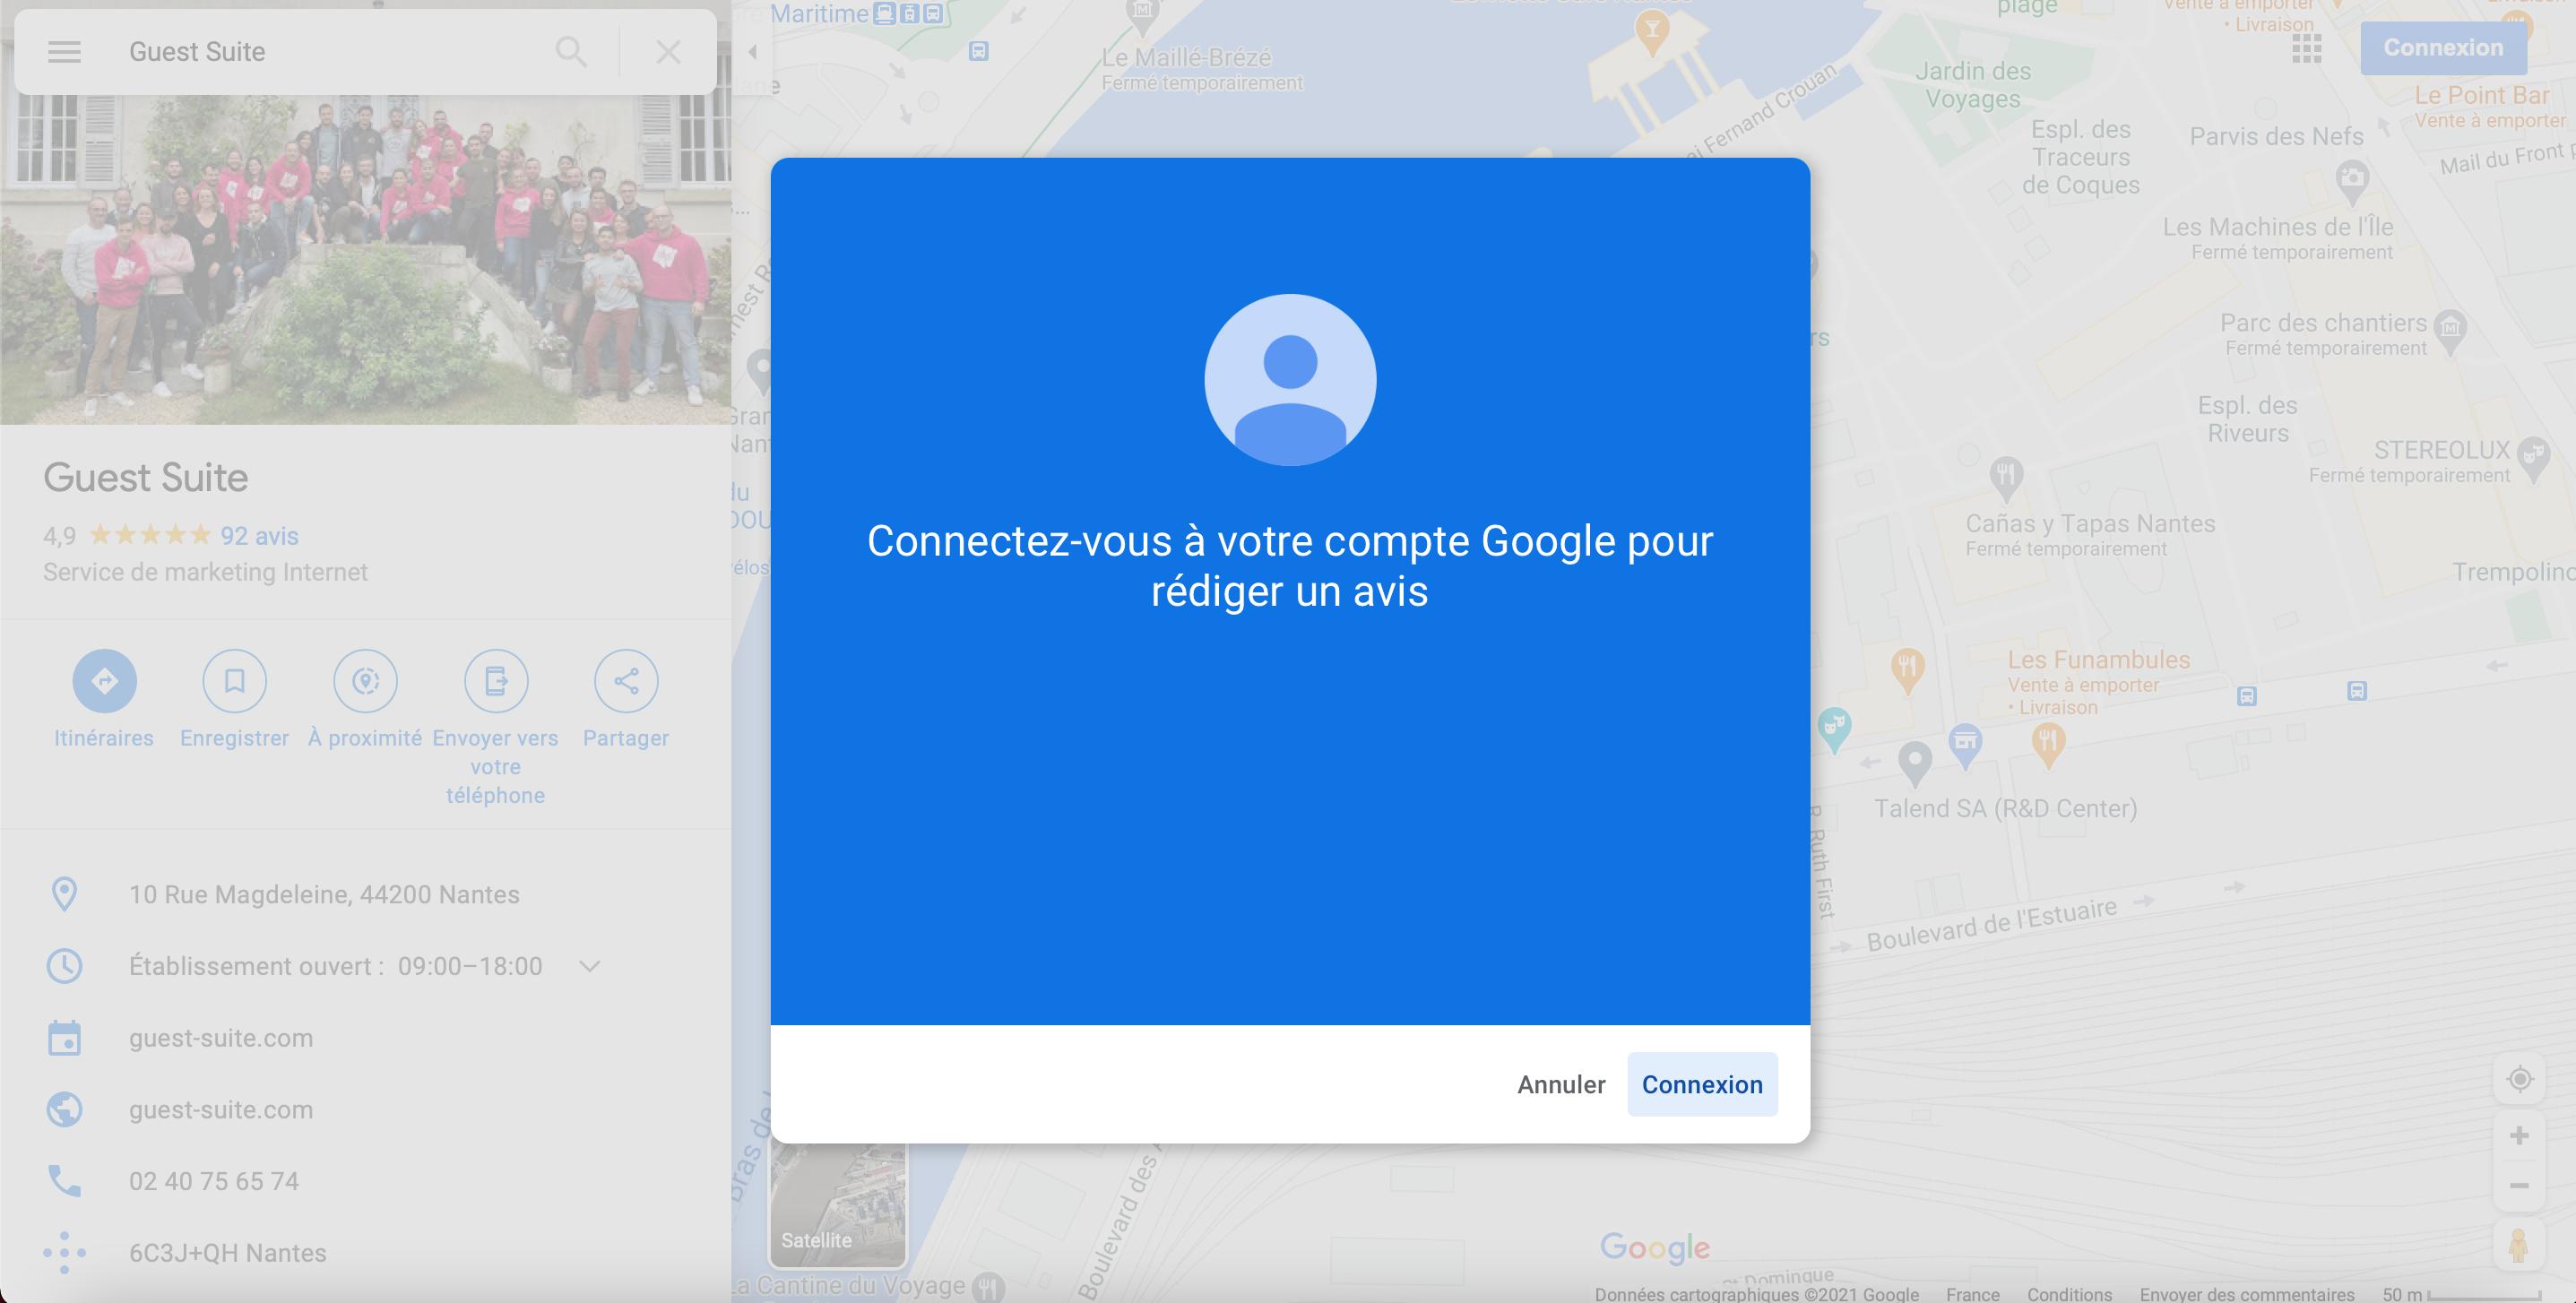 Laisser-un-avis-GMB-sans-compte-Google